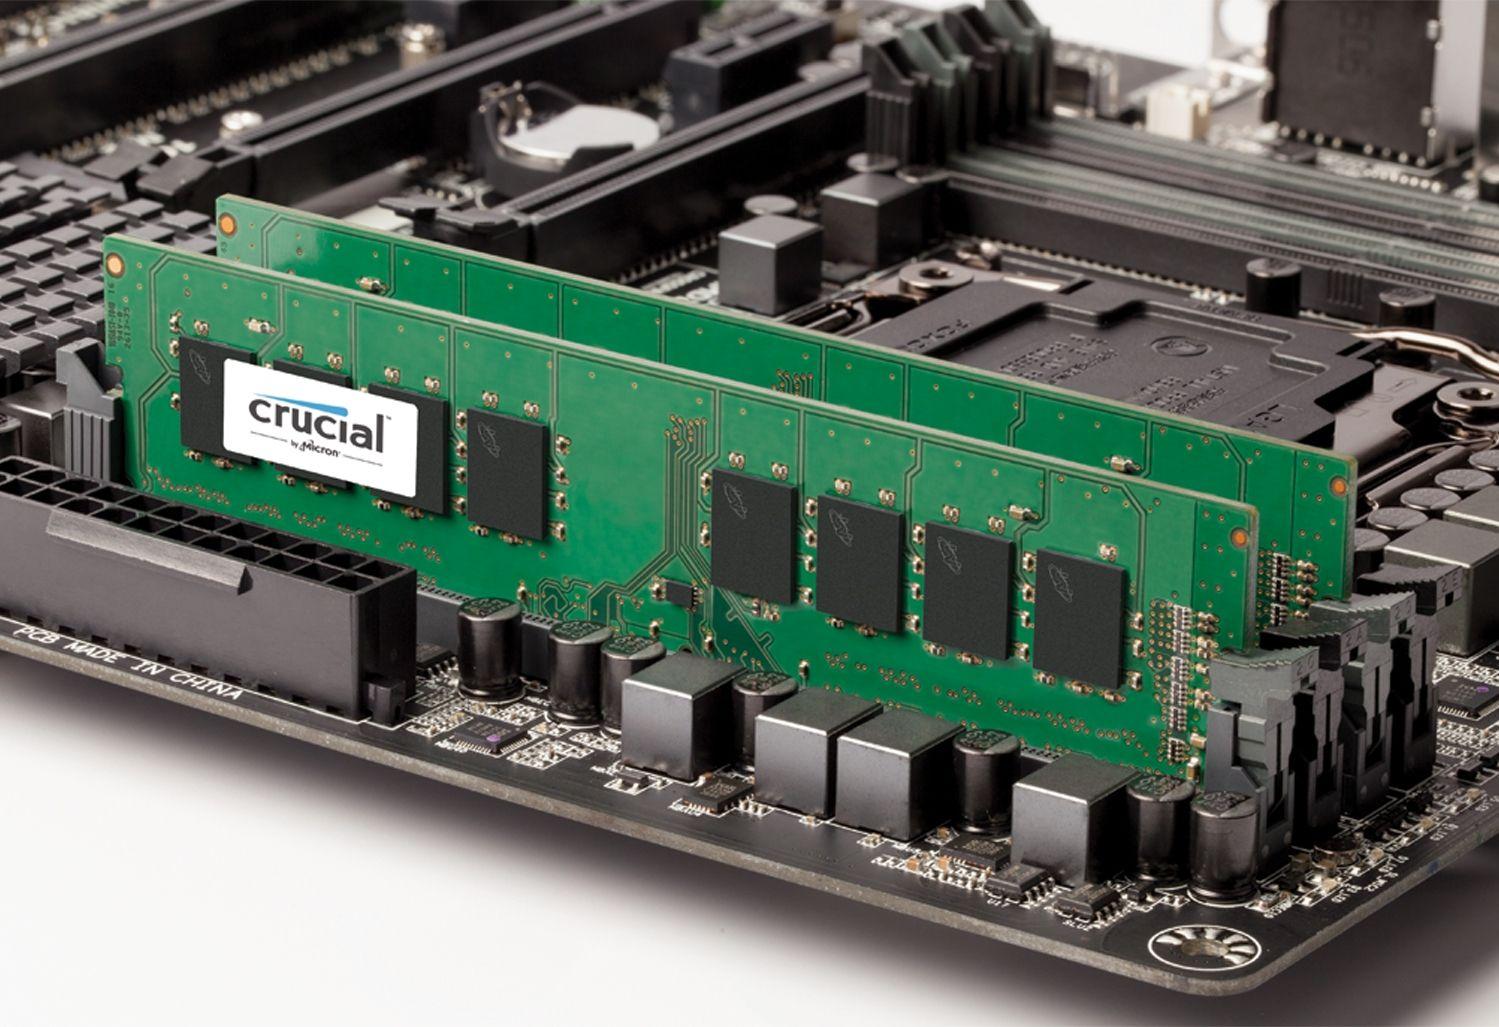 在外露型電腦主機板上的 Crucial RAM 記憶體模組,顯示如何在老舊電腦上升級記憶體